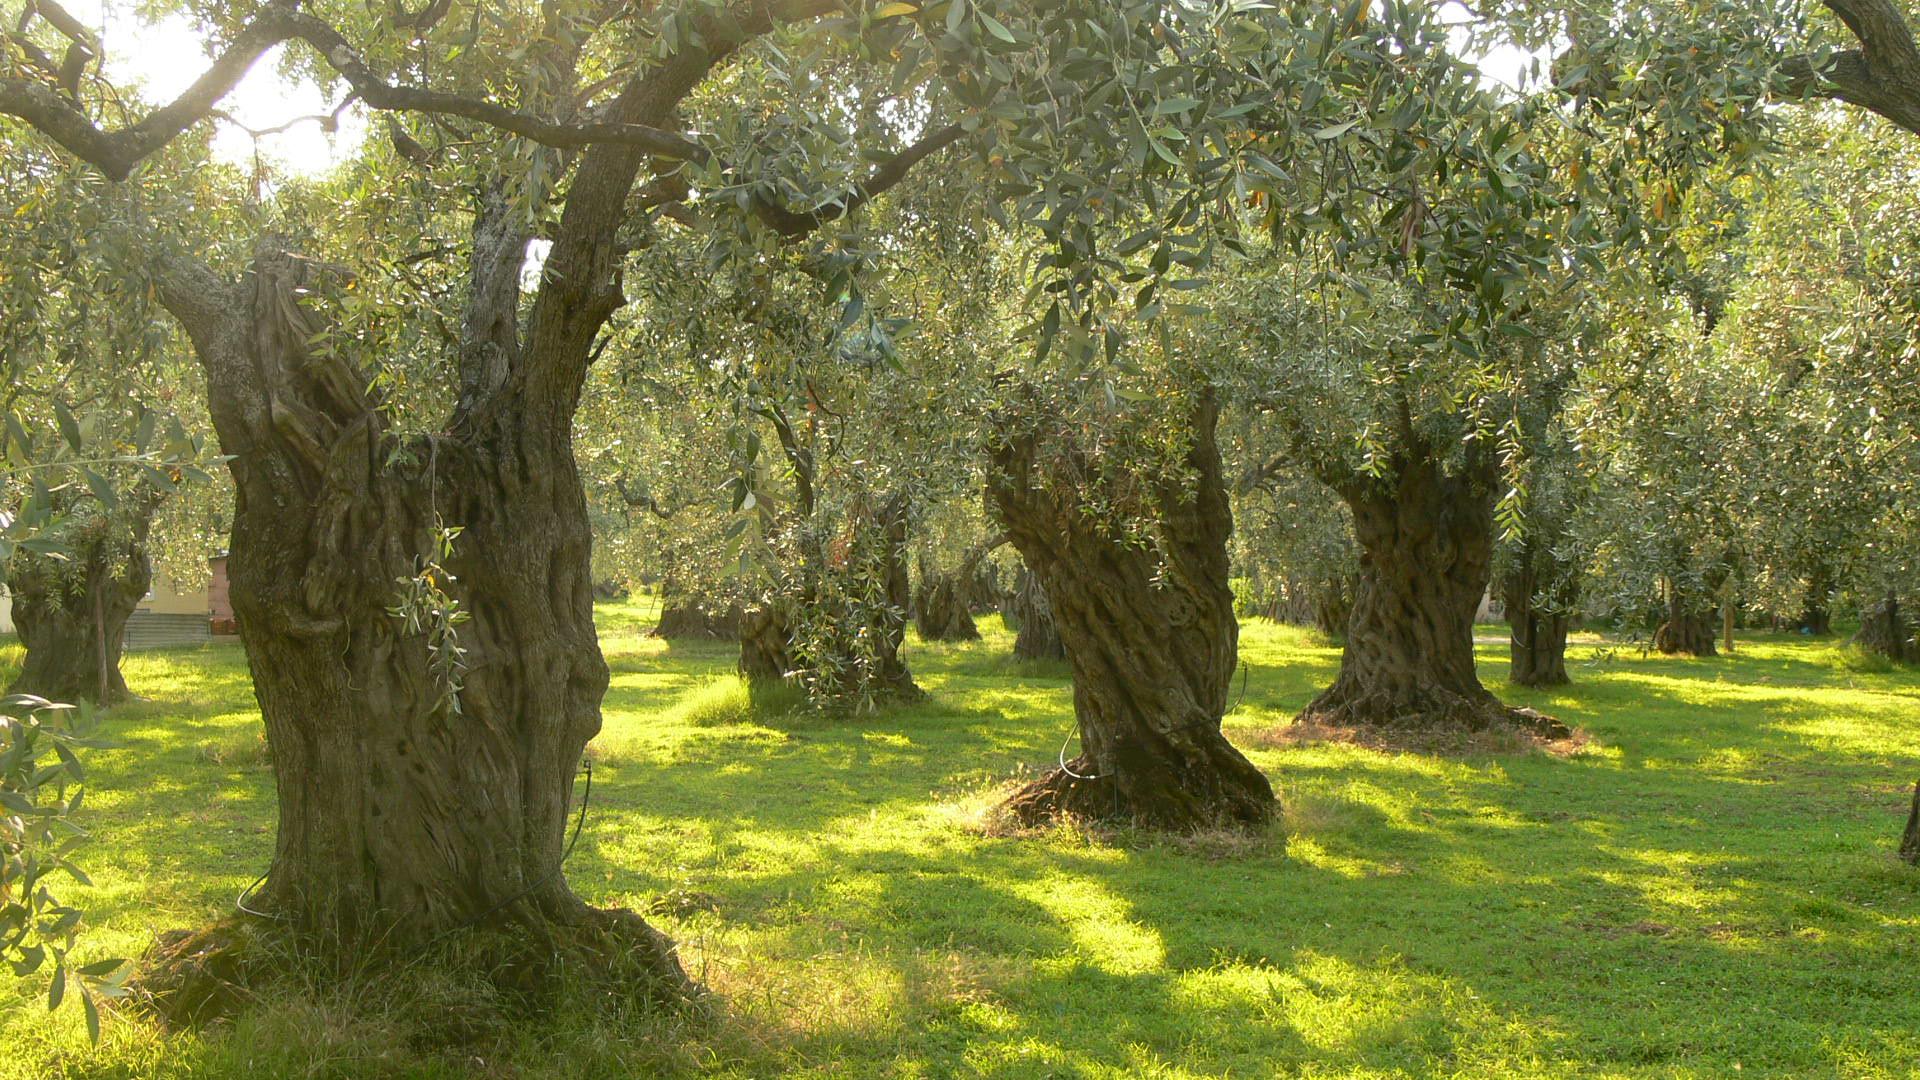 Την ανάδειξη και προστασία των αιωνόβιων ελαιοδέντρων θα επιδιώξει η  Περιφέρεια - naxostimes.gr